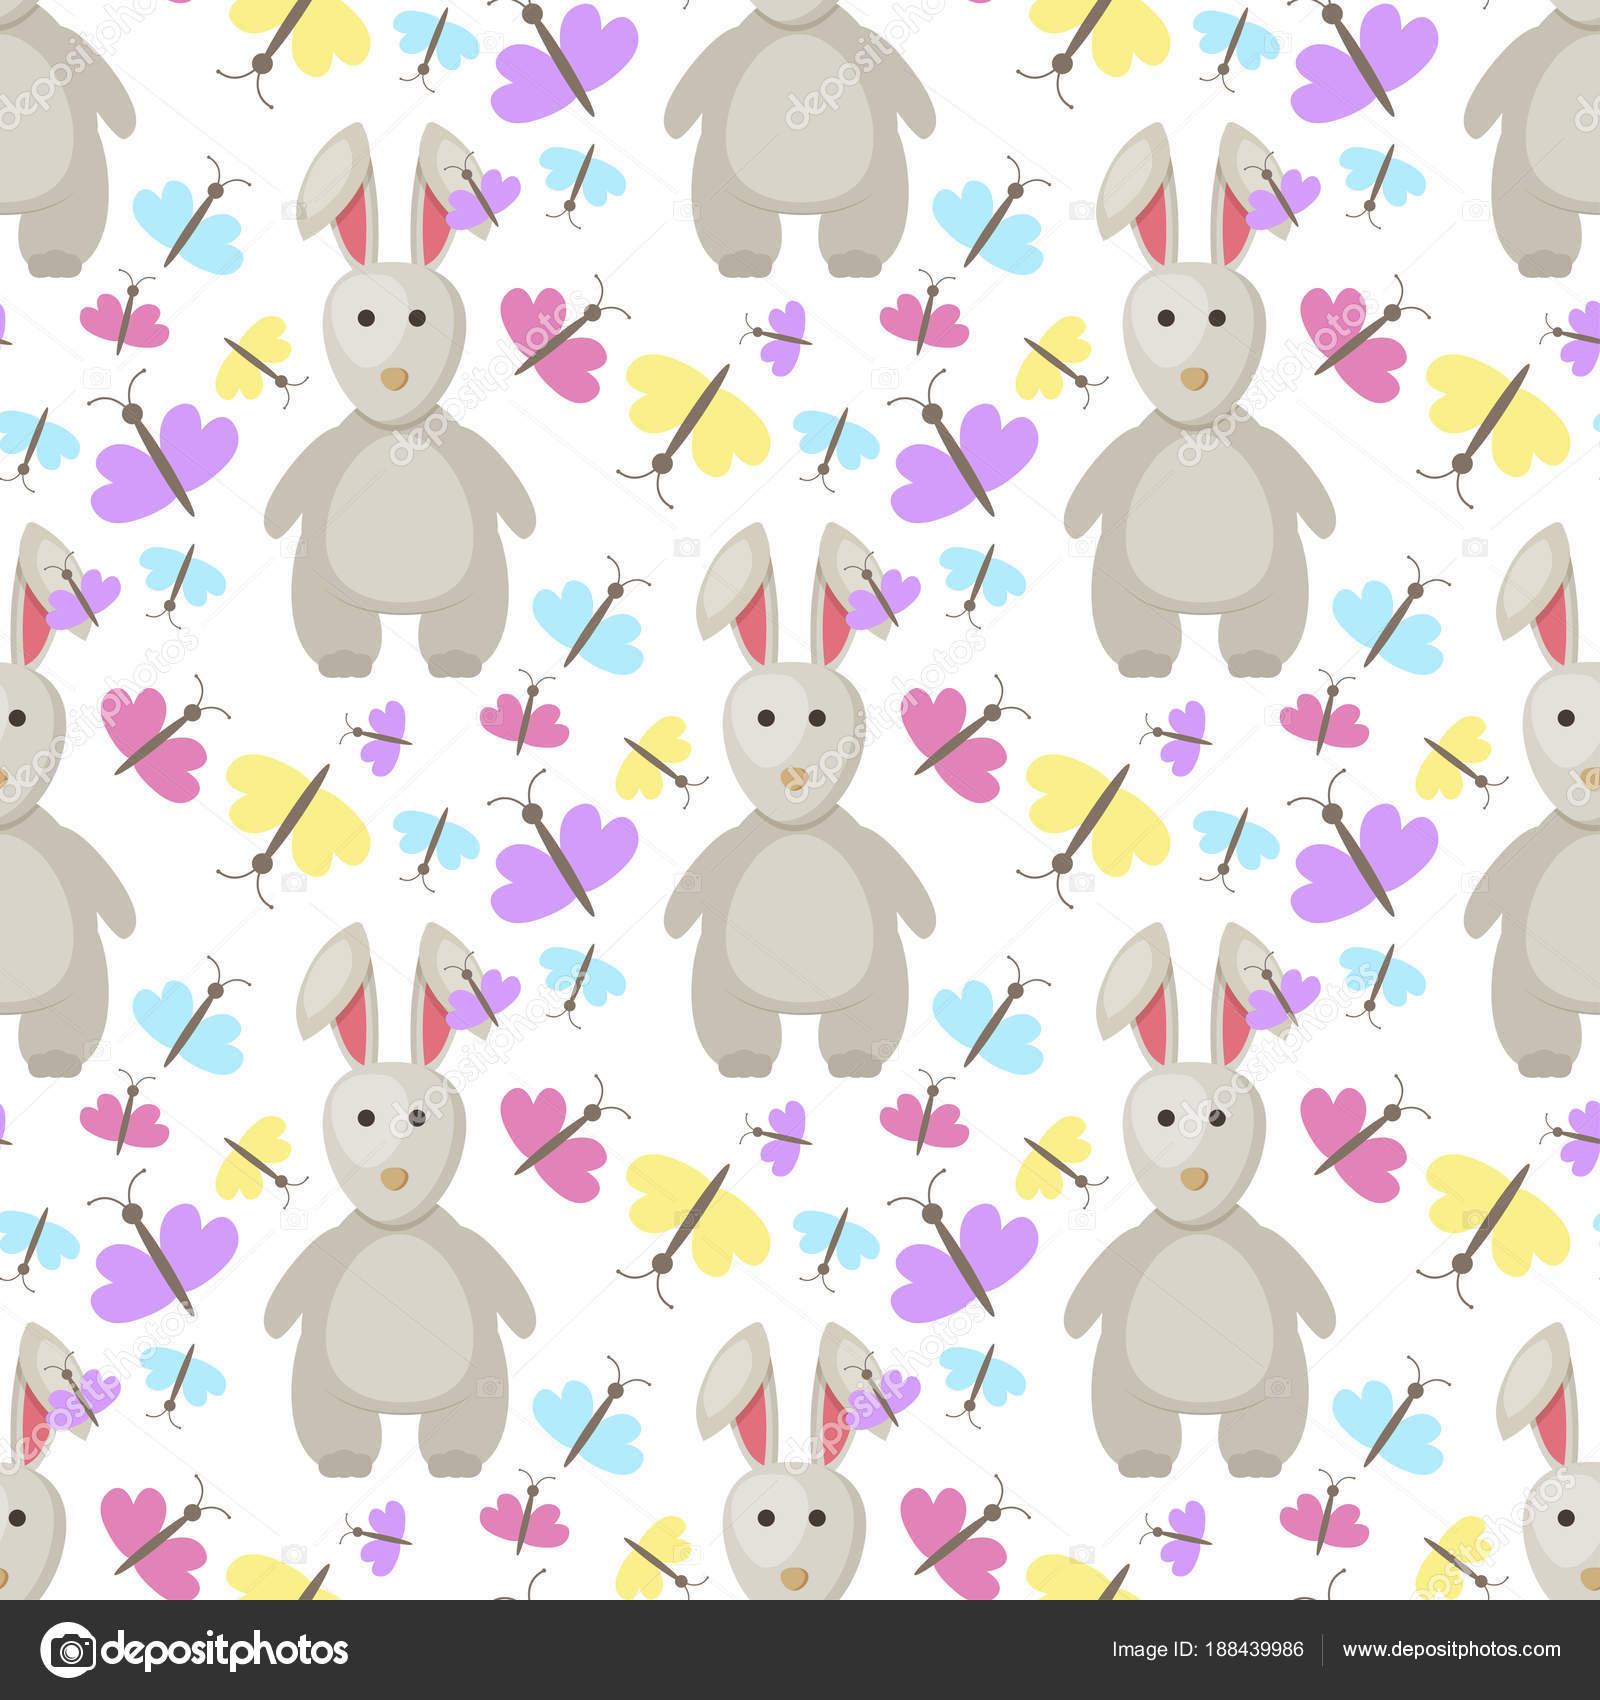 Conejo de Pascua conejito vector de dibujos animados patrón ...